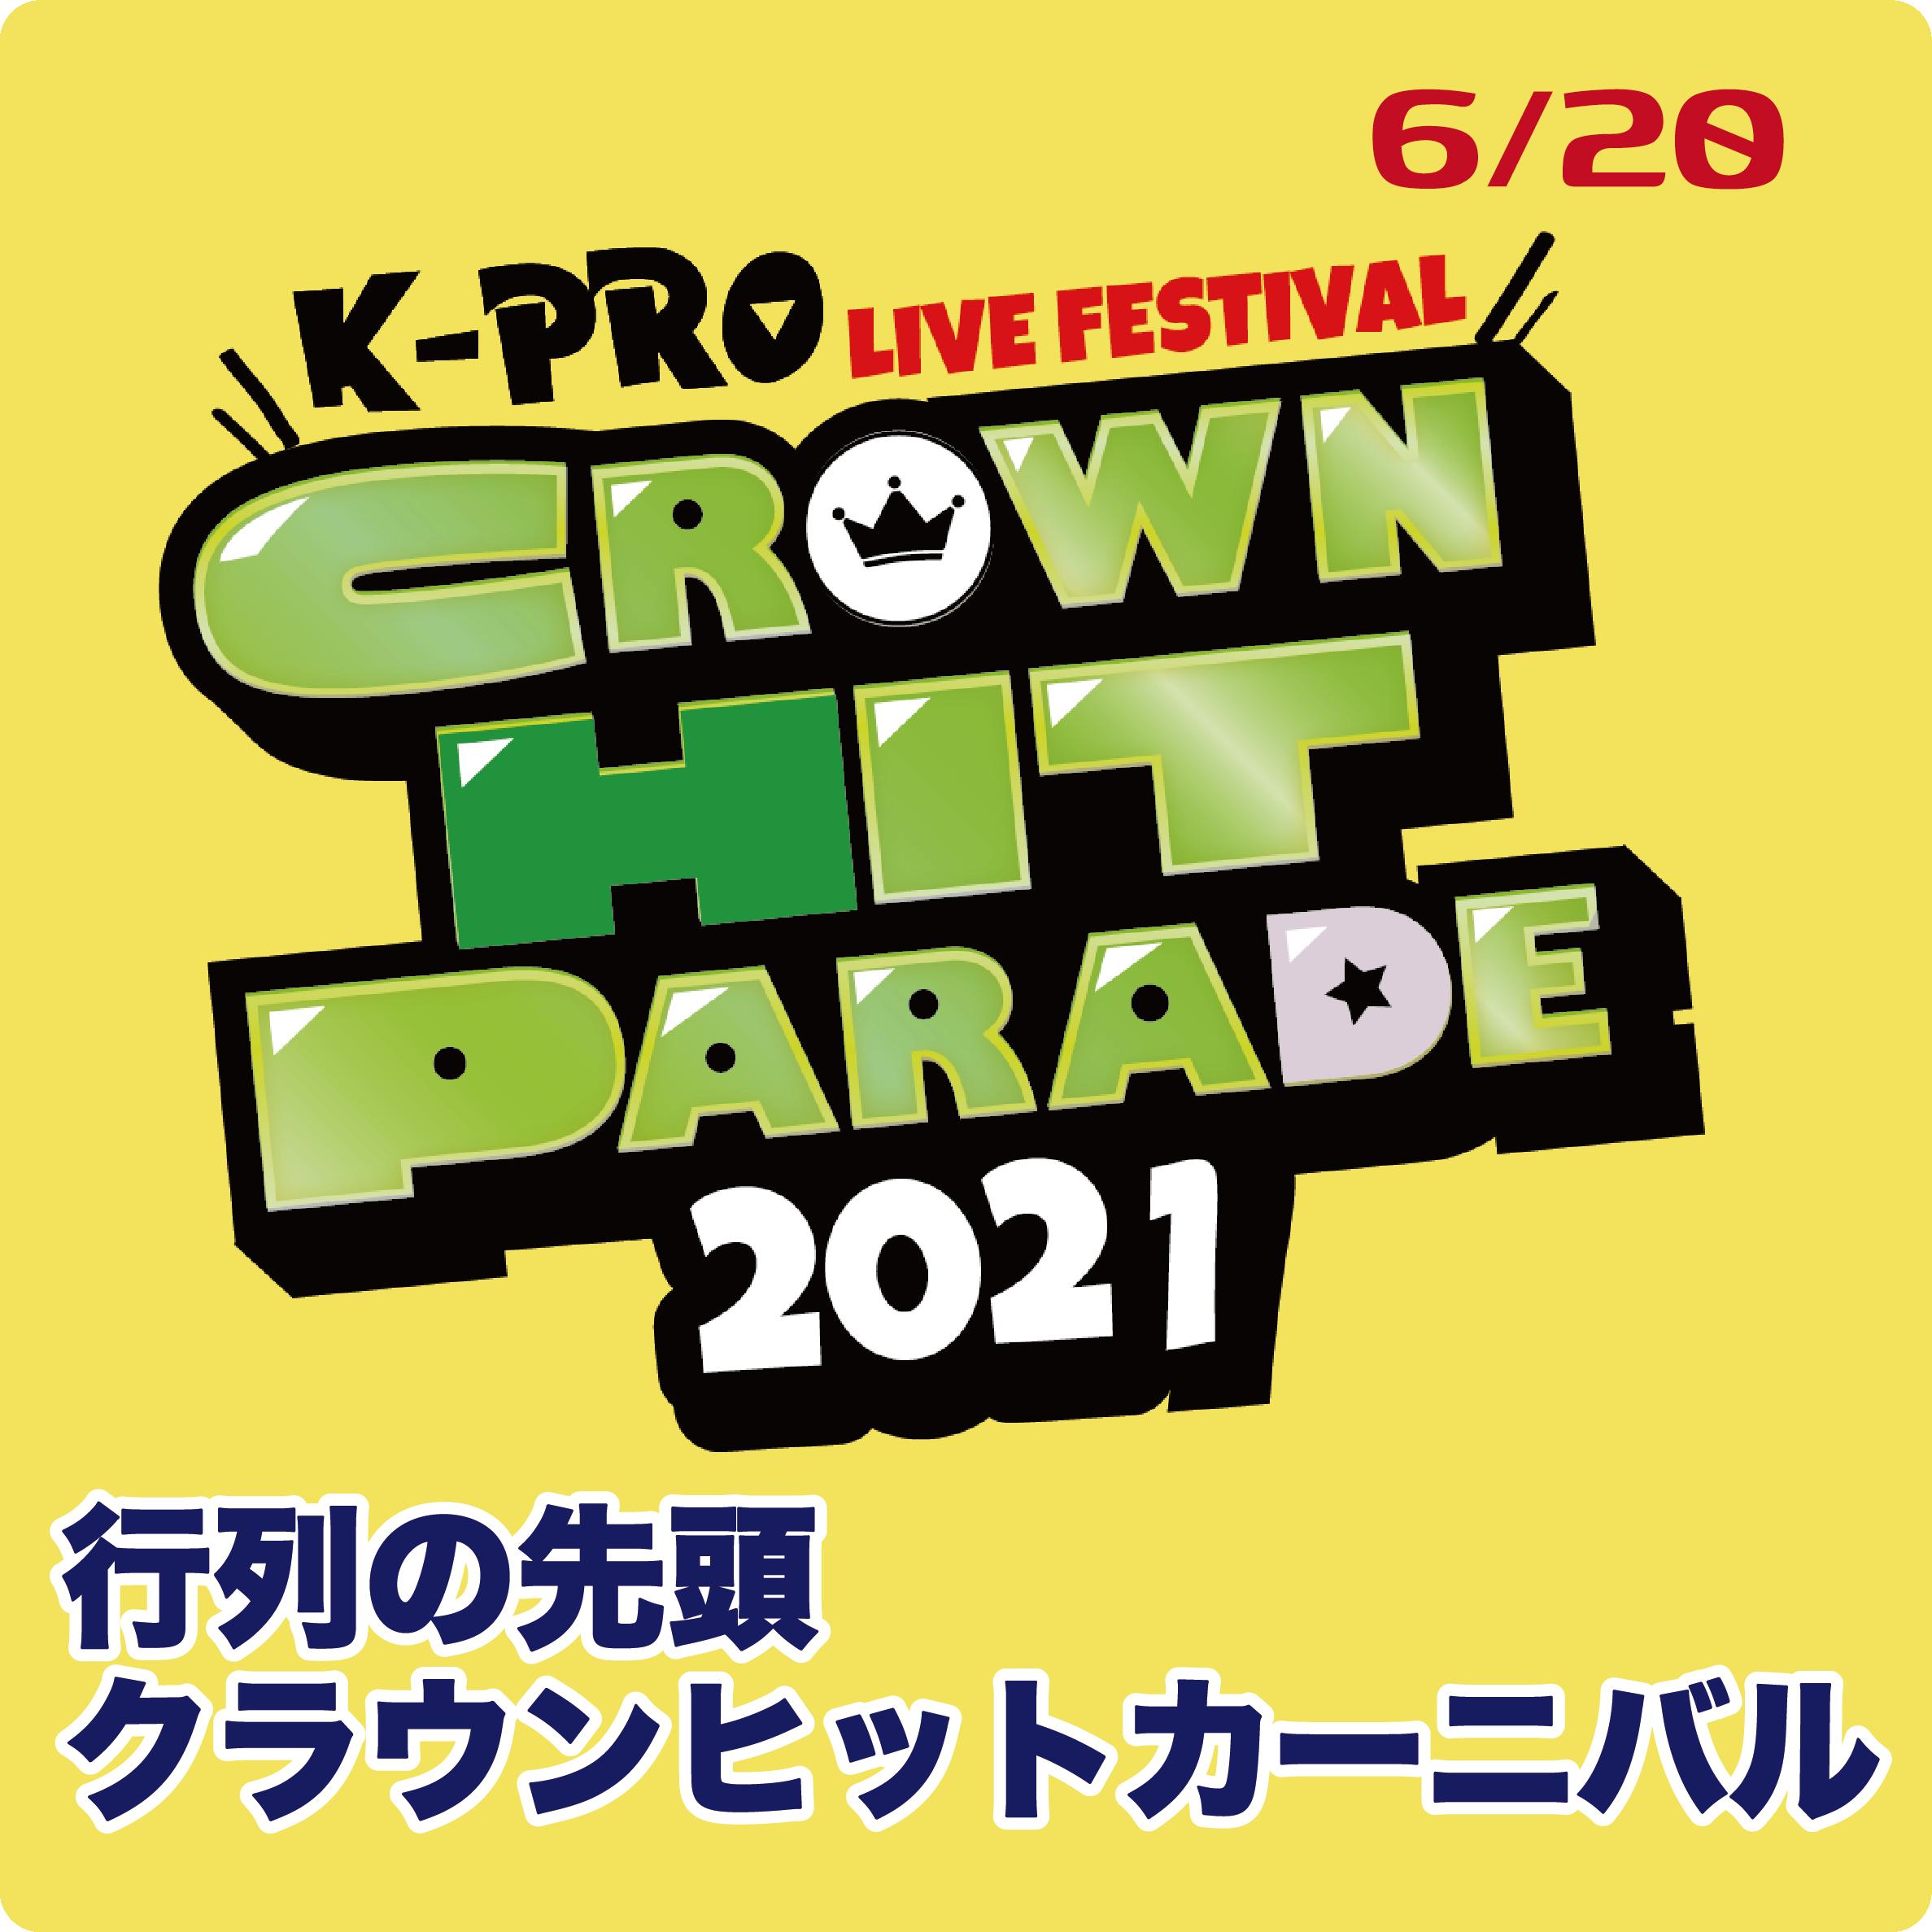 【6/20】行列の先頭 クラウンヒットカーニバル